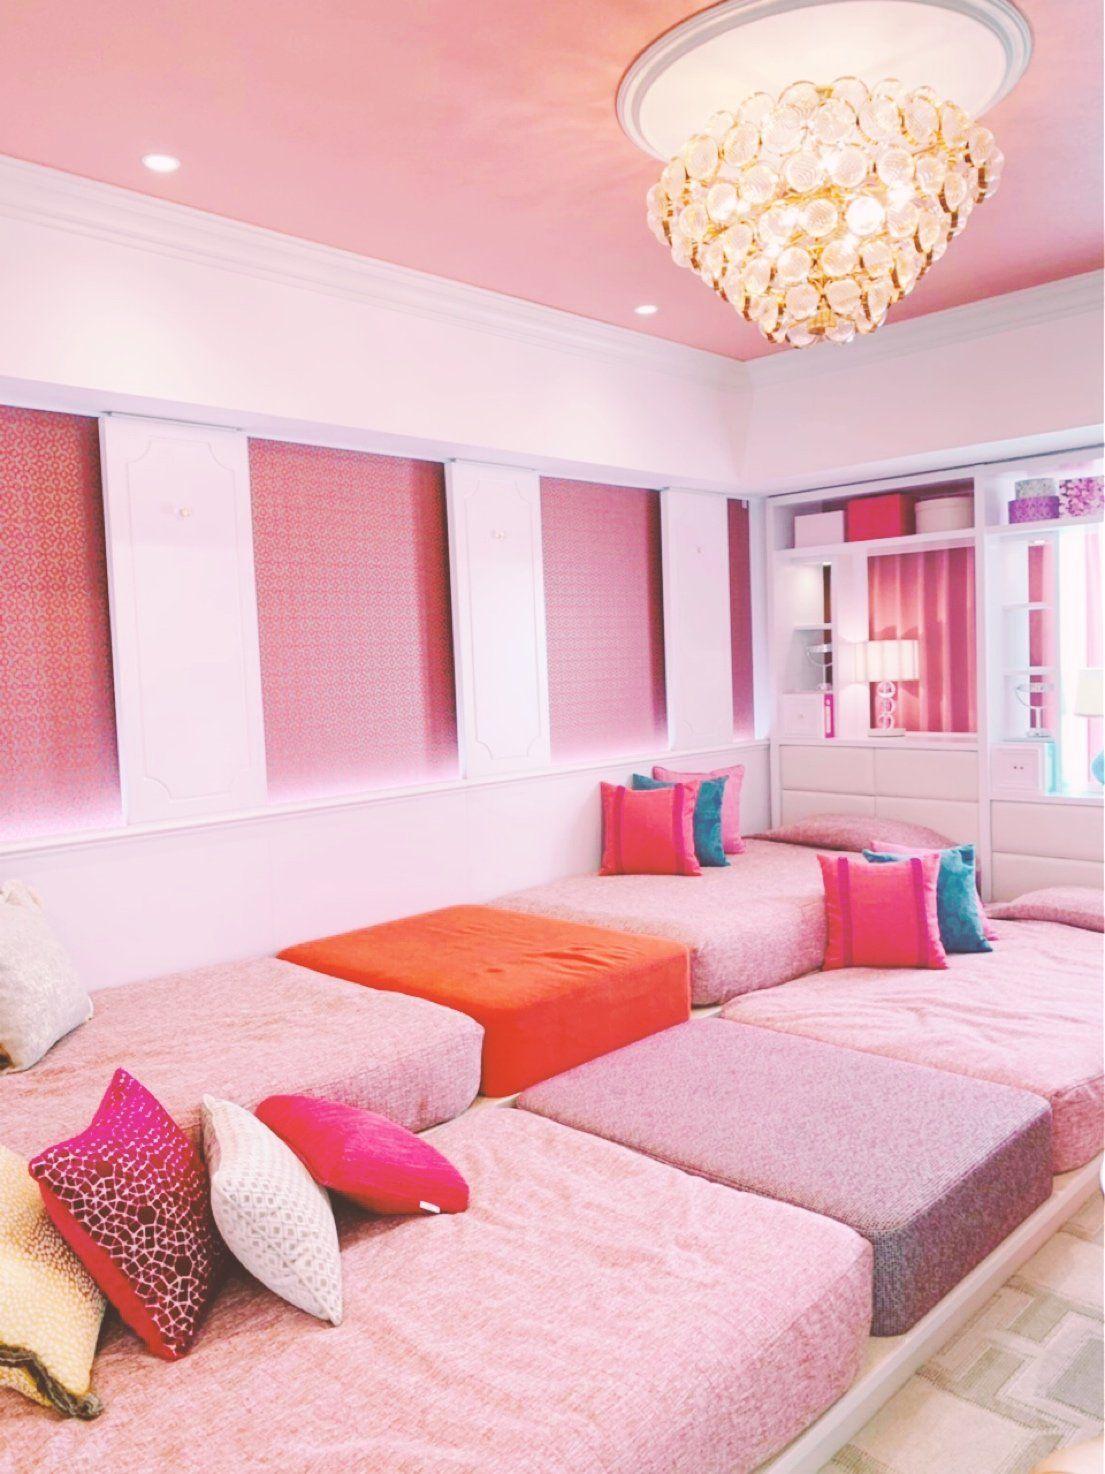 ピンク色が基調のgirlyルーム Triproud 2020 ルーム ピンク色